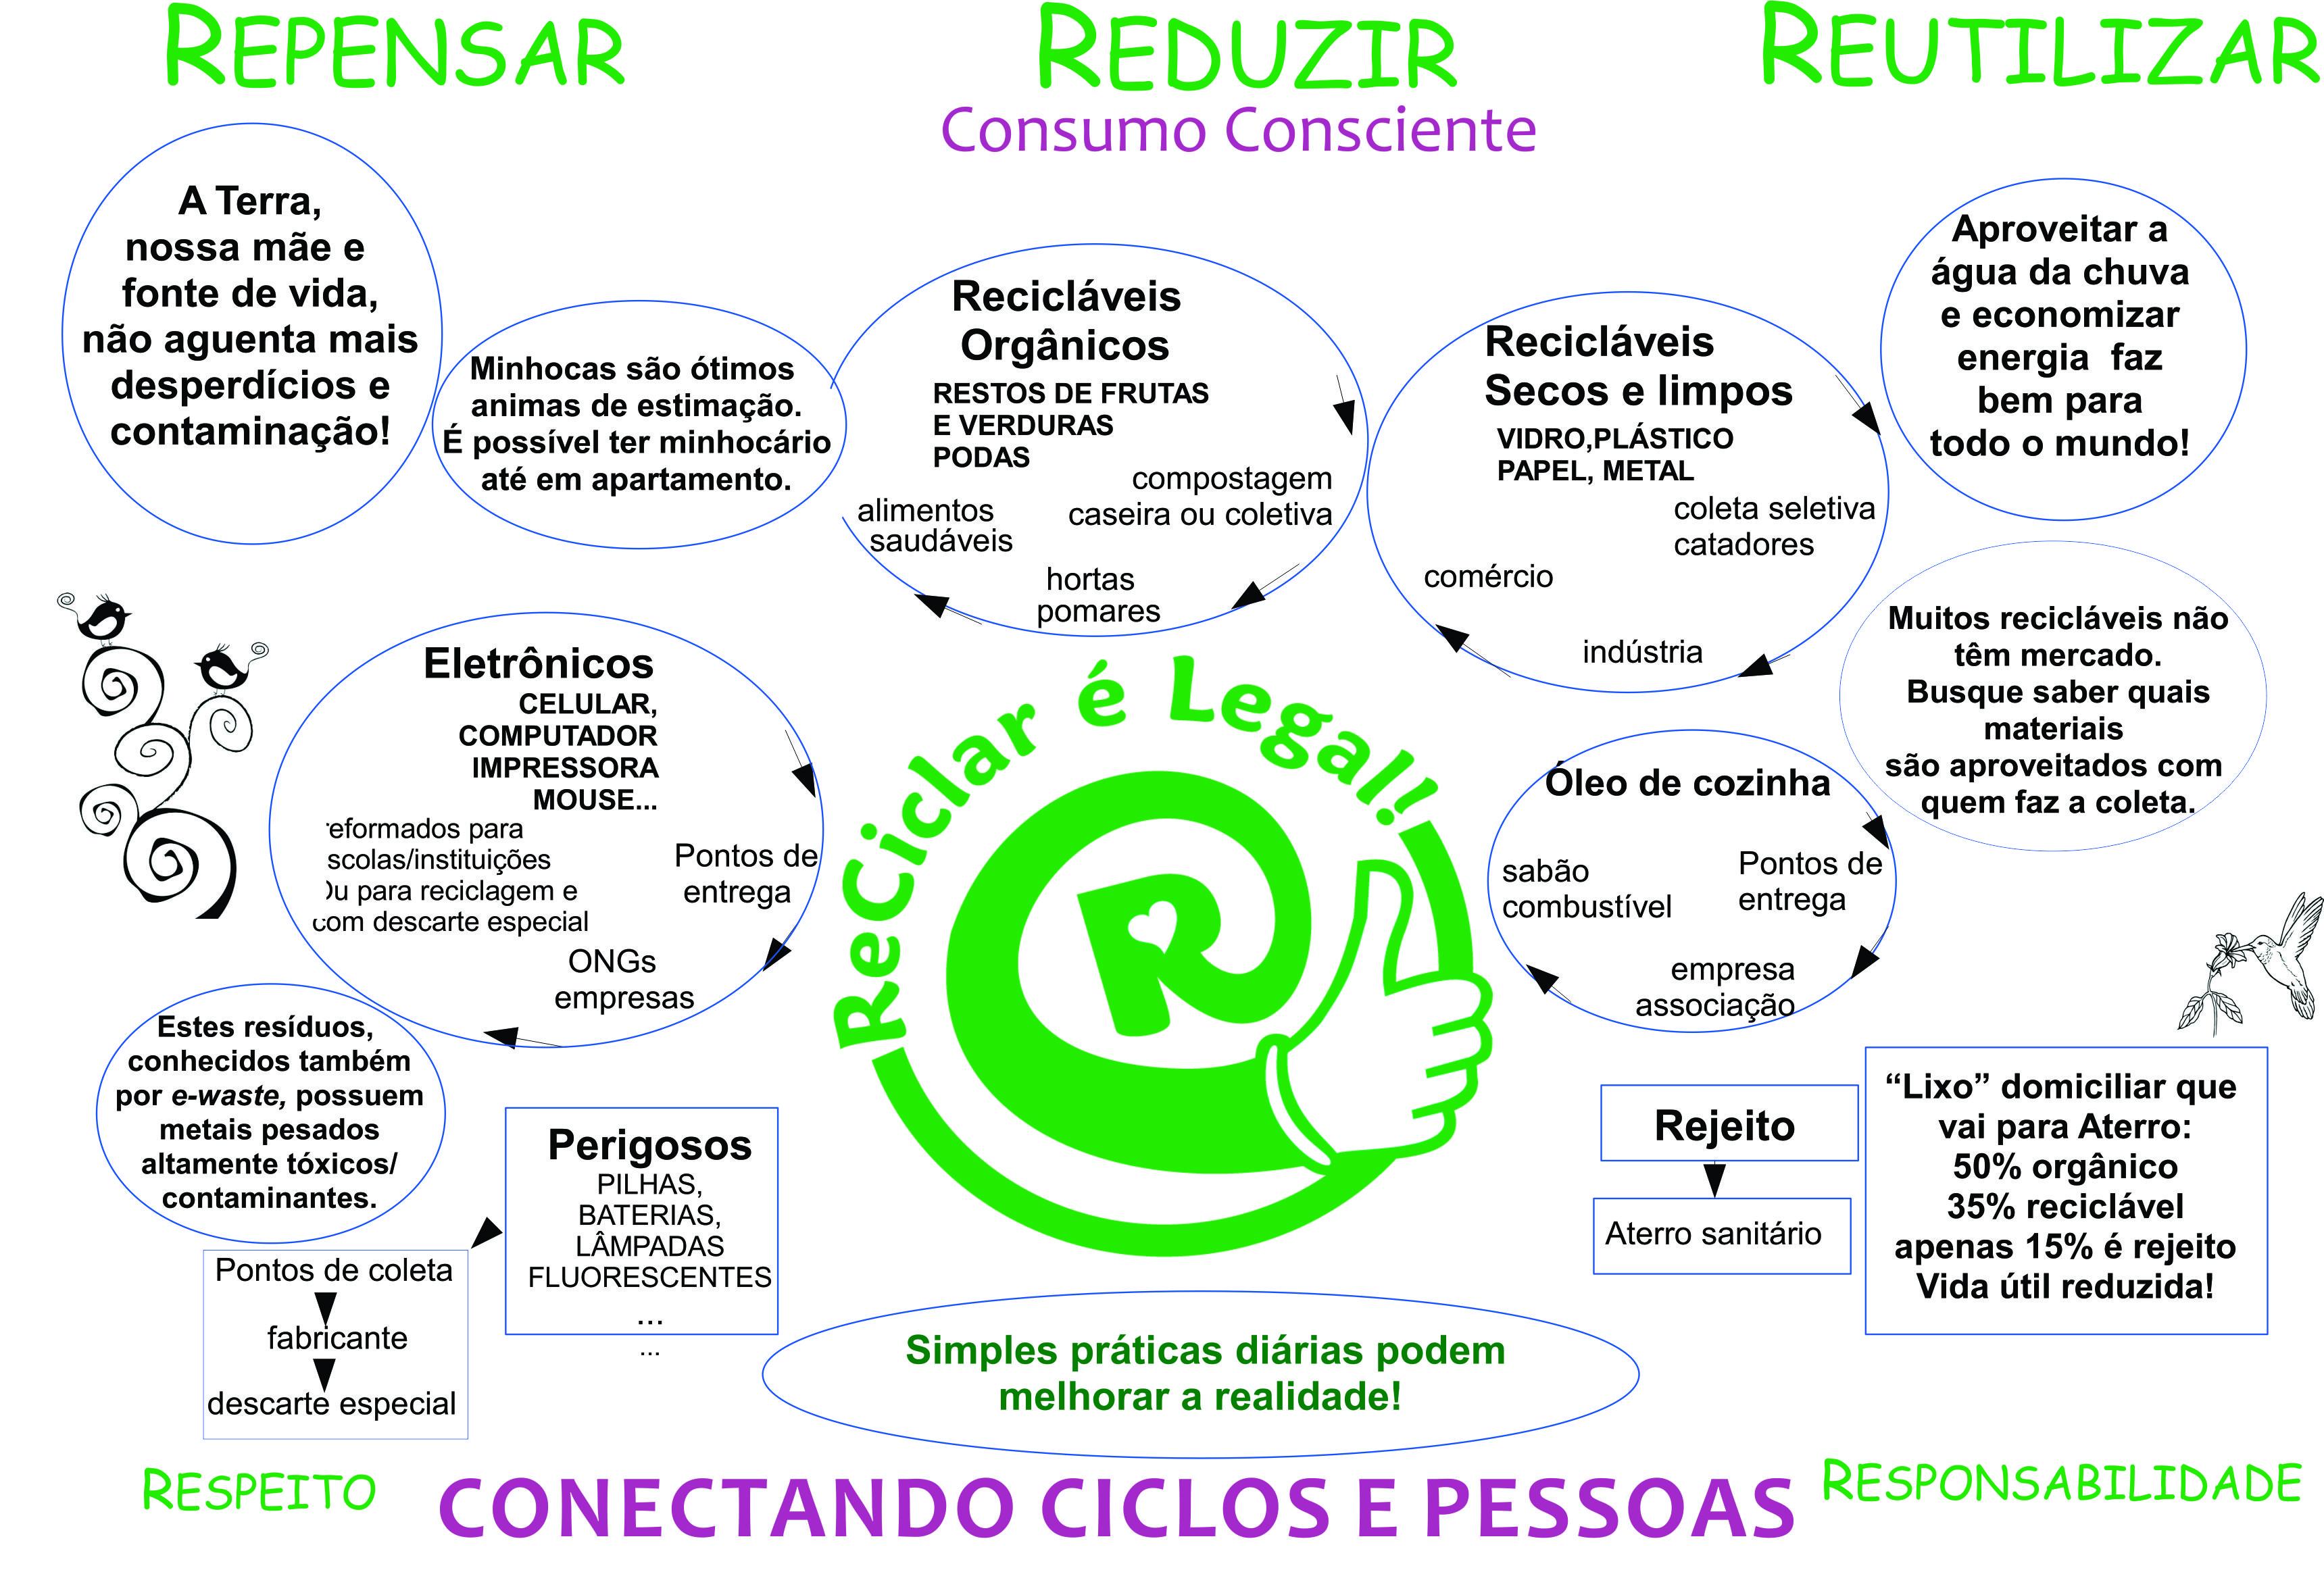 Nacional do Meio Ambiente de 24 a 27 de outubro em Brasília #0C933B 3439 2355